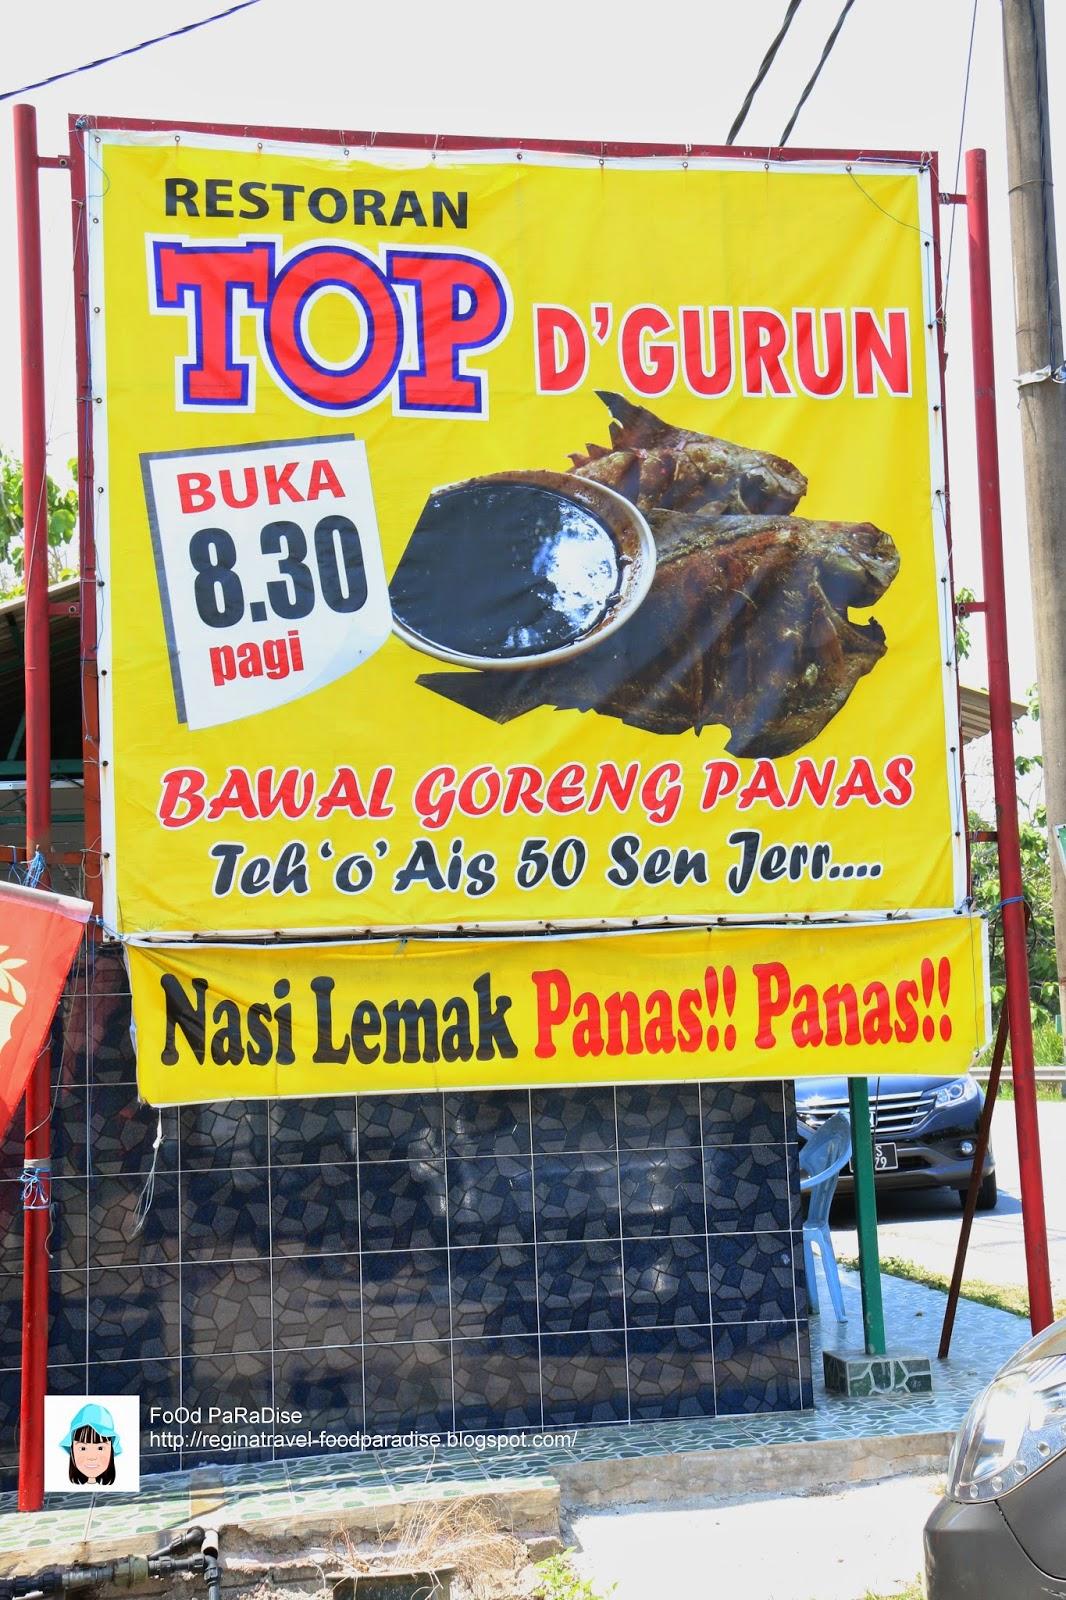 RESTORAN TOP D'GURUN @ GURUN Jalan Raya, Kedah.